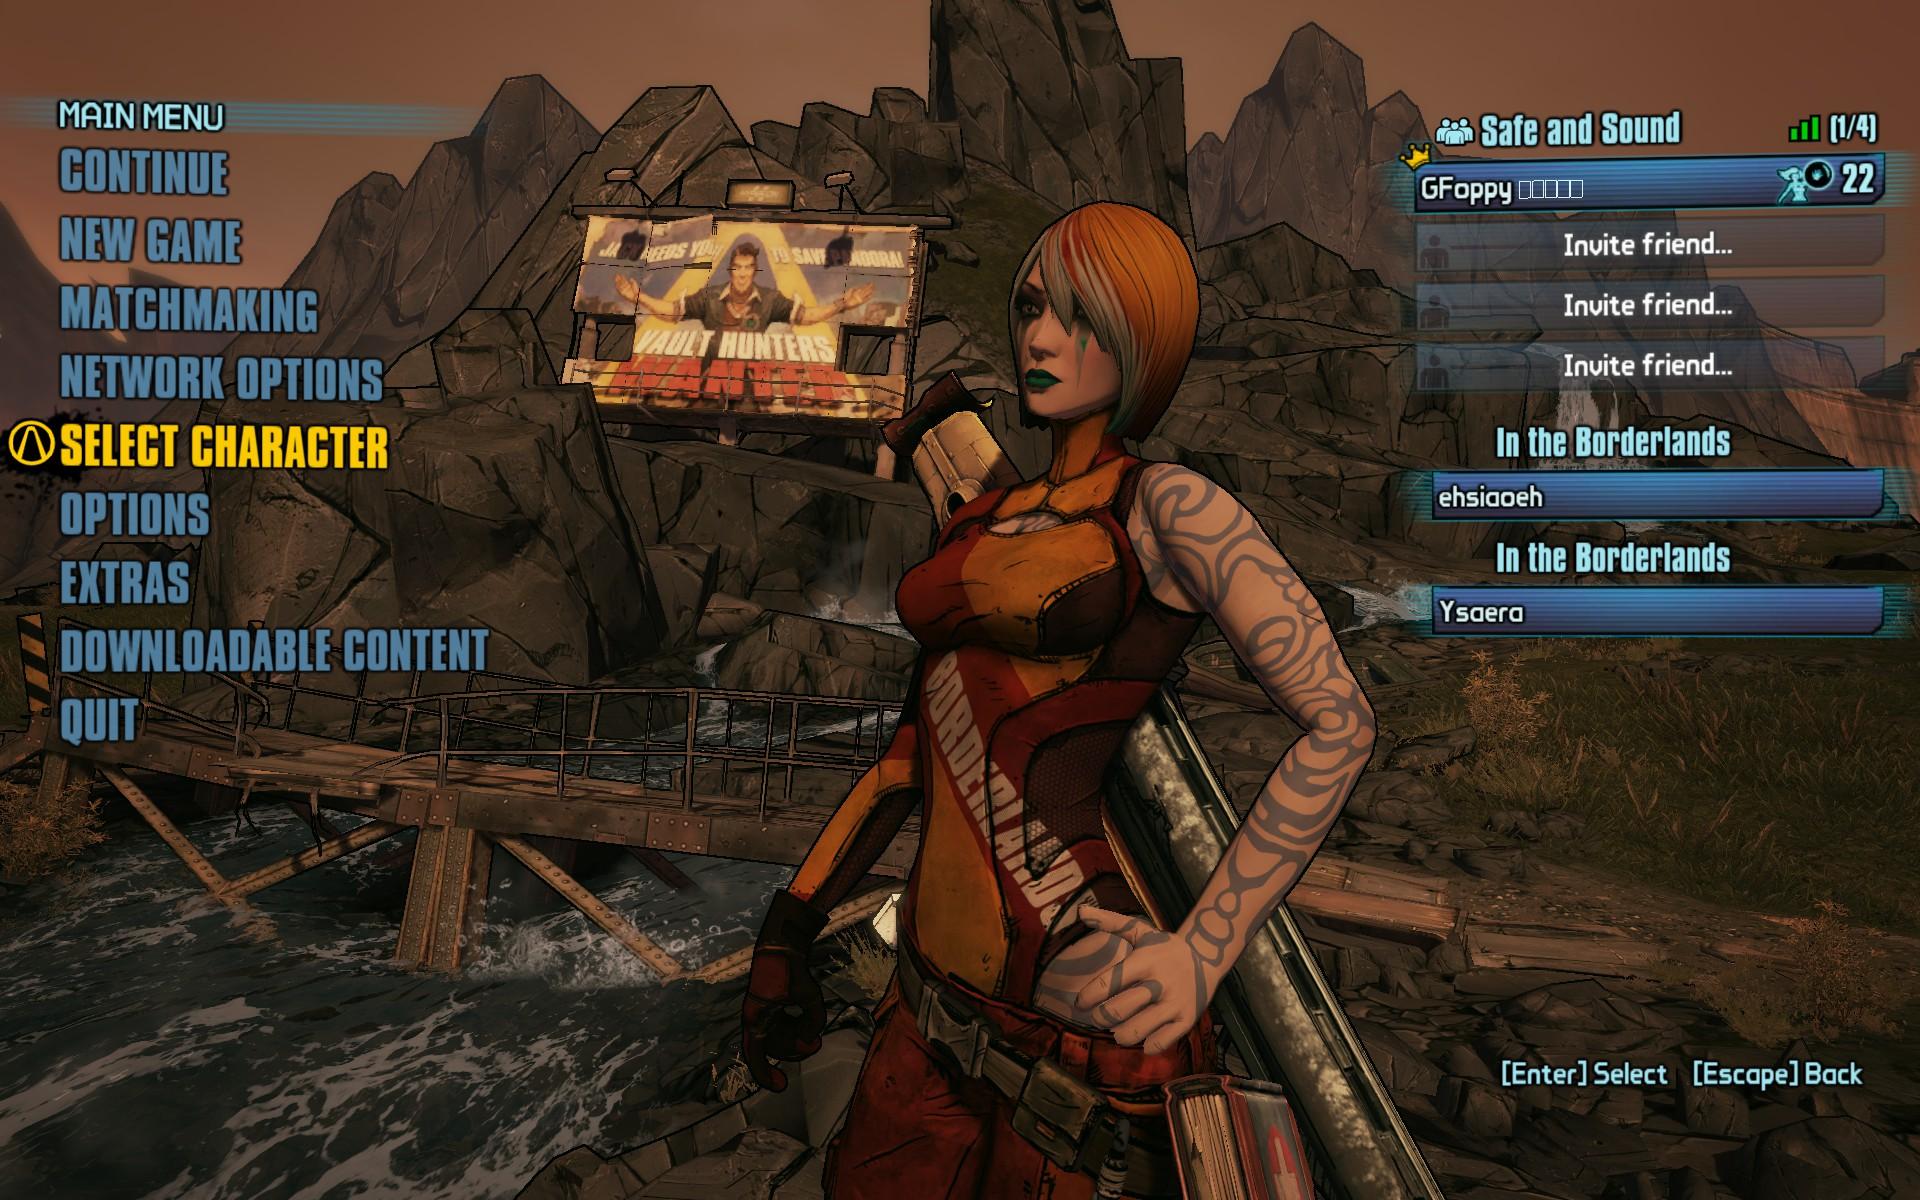 Borderlands 2 matchmaking higher levels